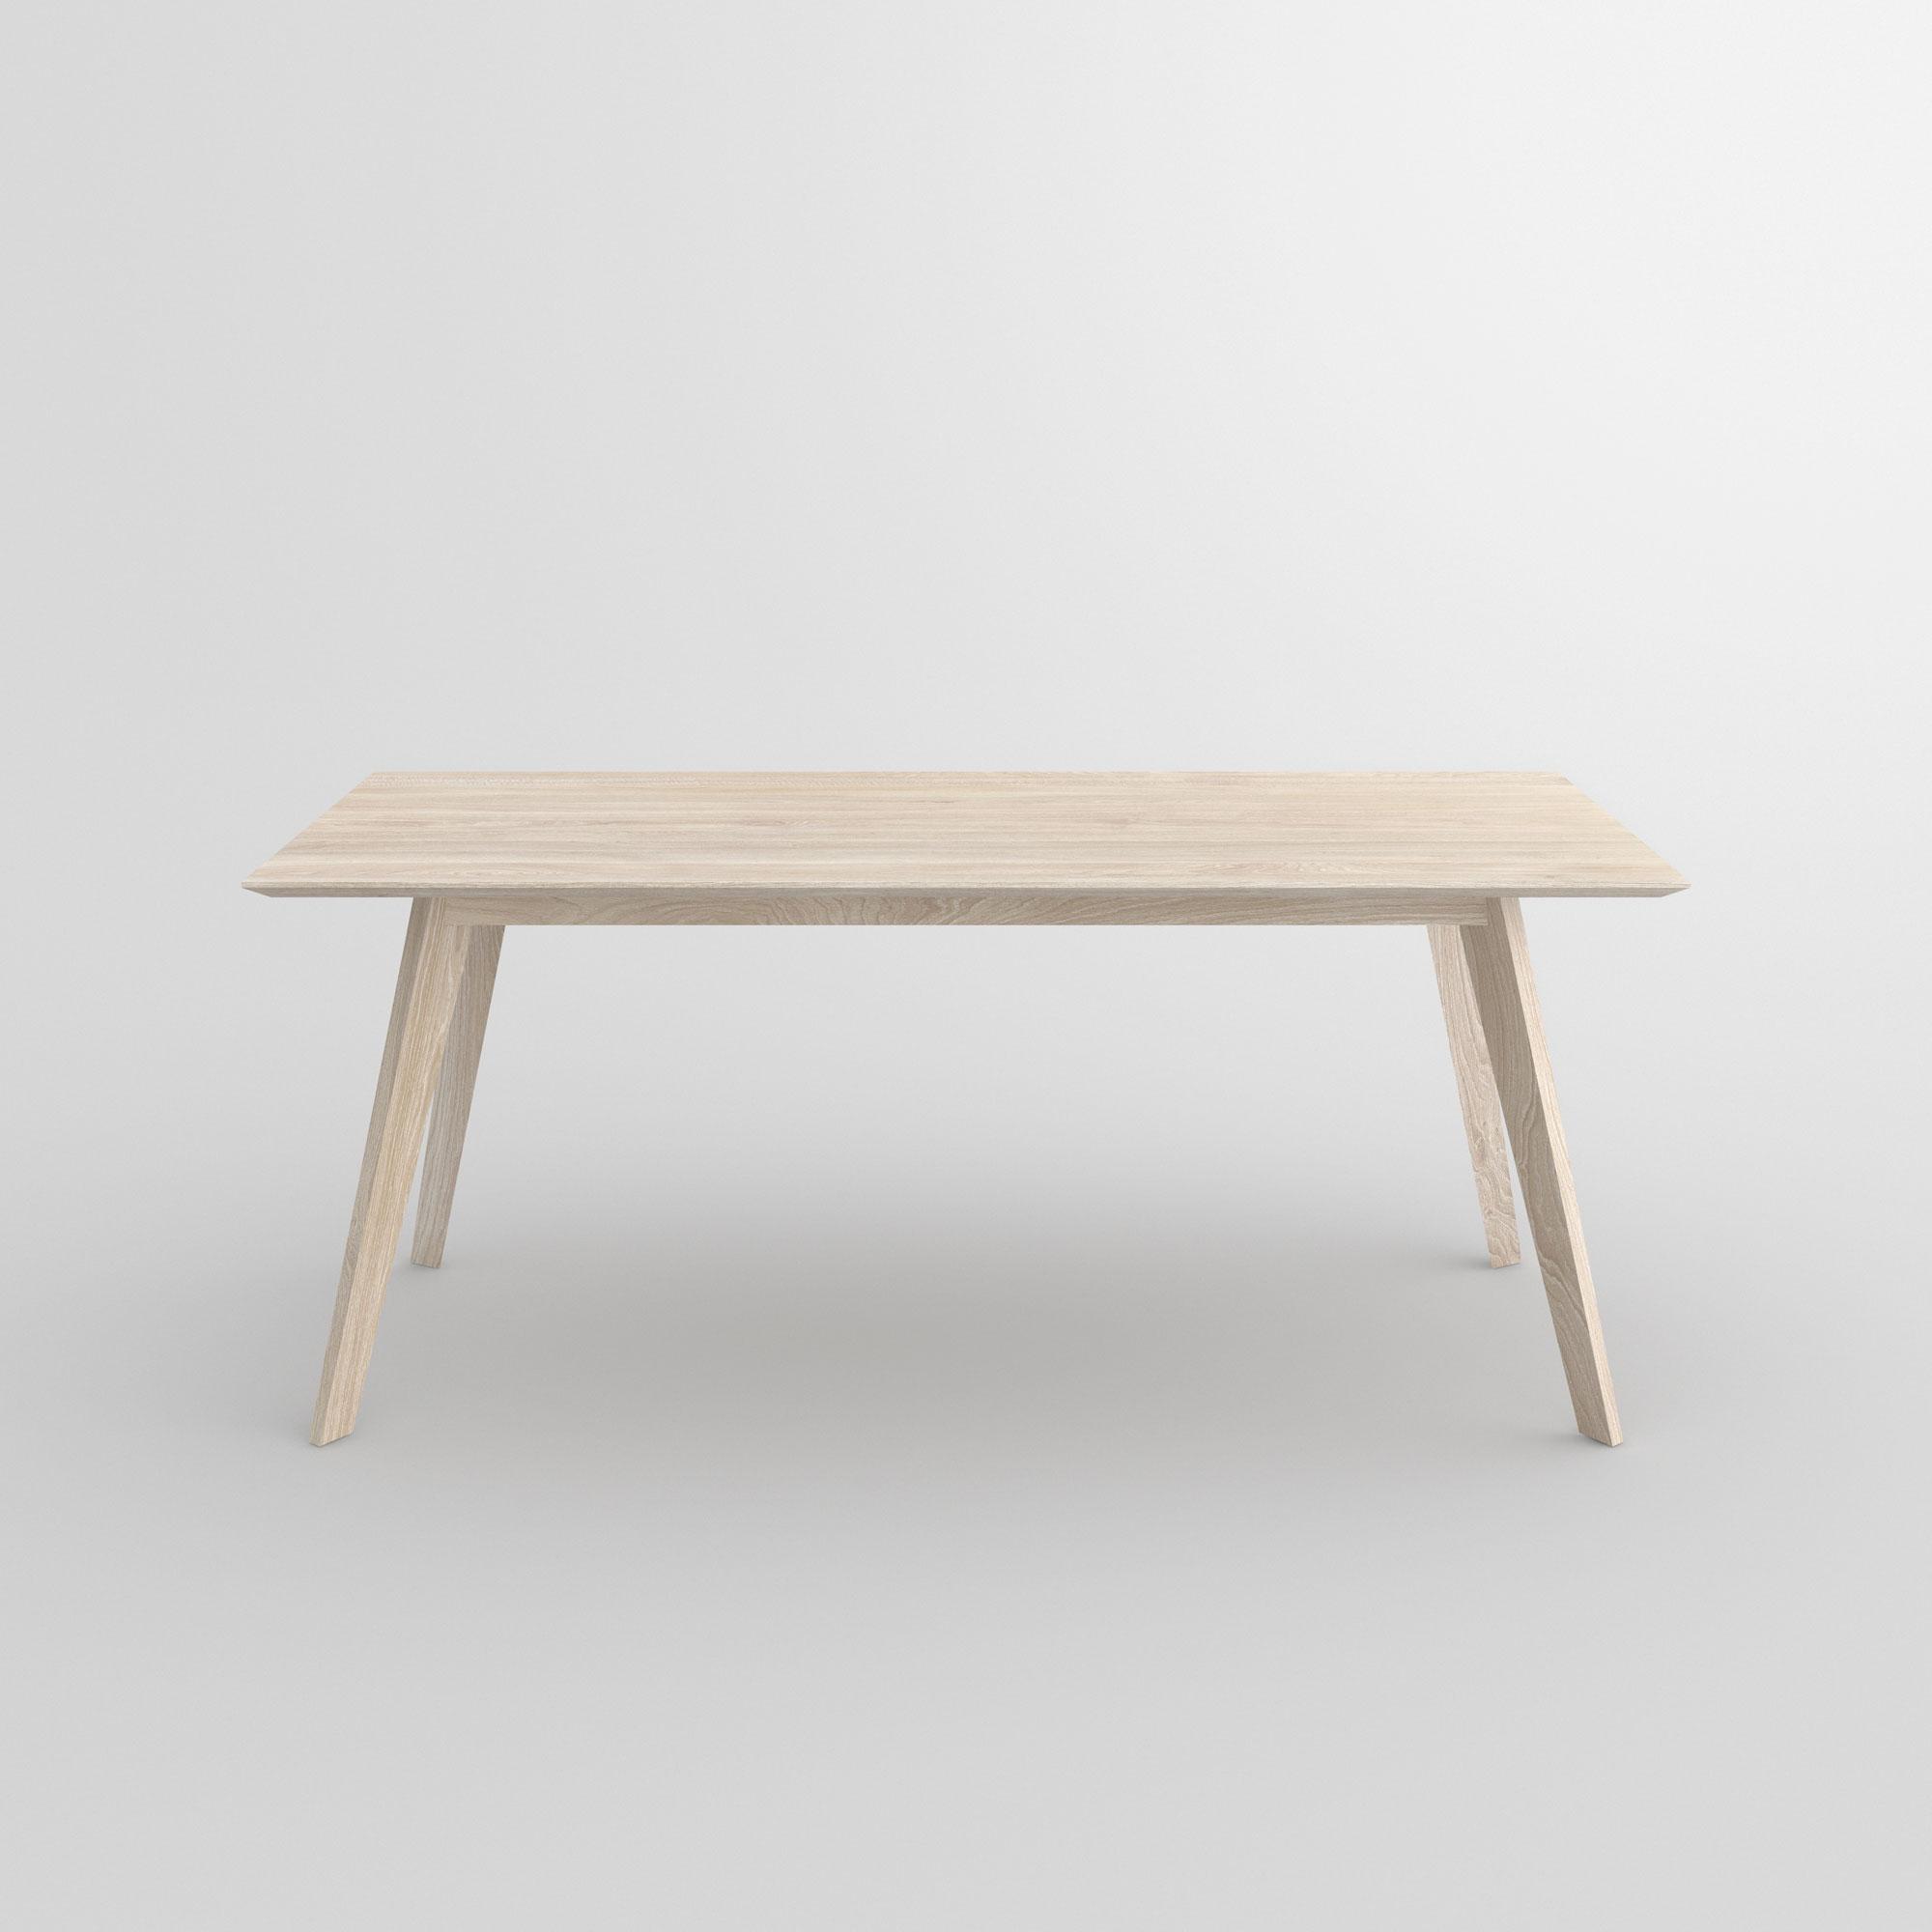 Filigraner massivholz esstisch citius vitamin design for Tisch lungo vitamin design